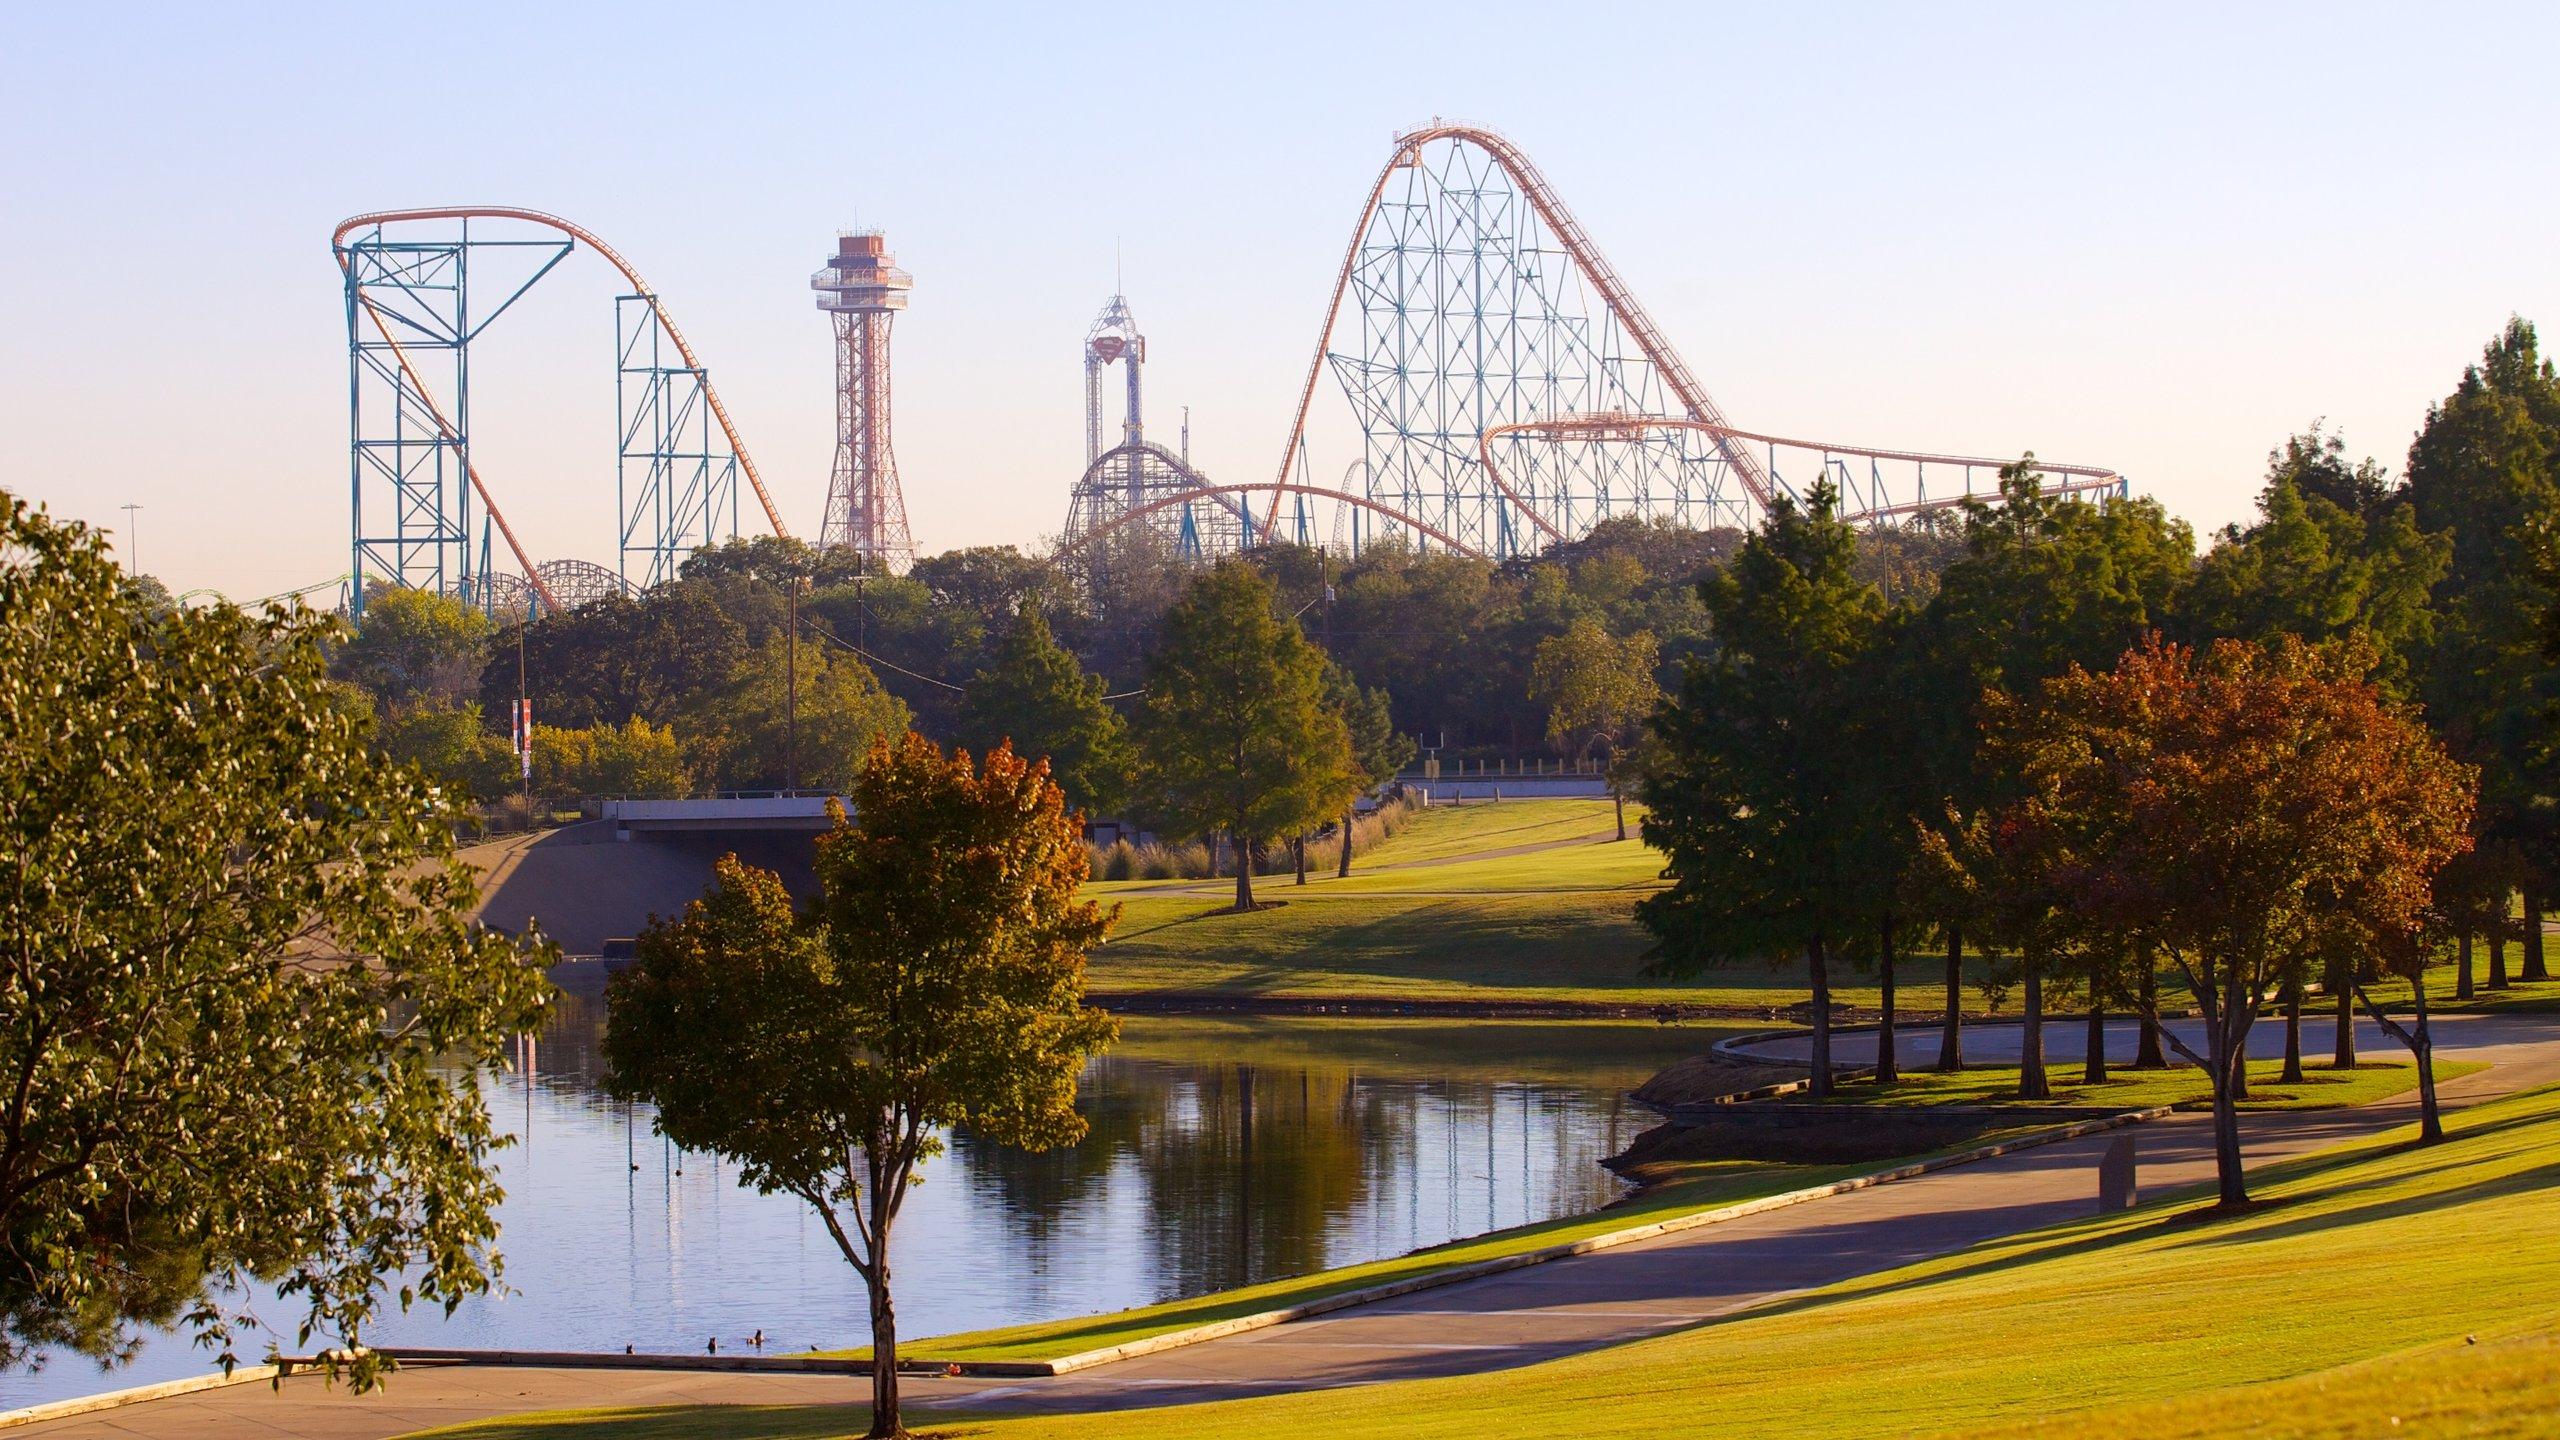 Dieser Themenpark lässt Ihr Adrenalin pulsieren – unter anderem auf der höchsten und schnellsten Achterbahn in Texas.